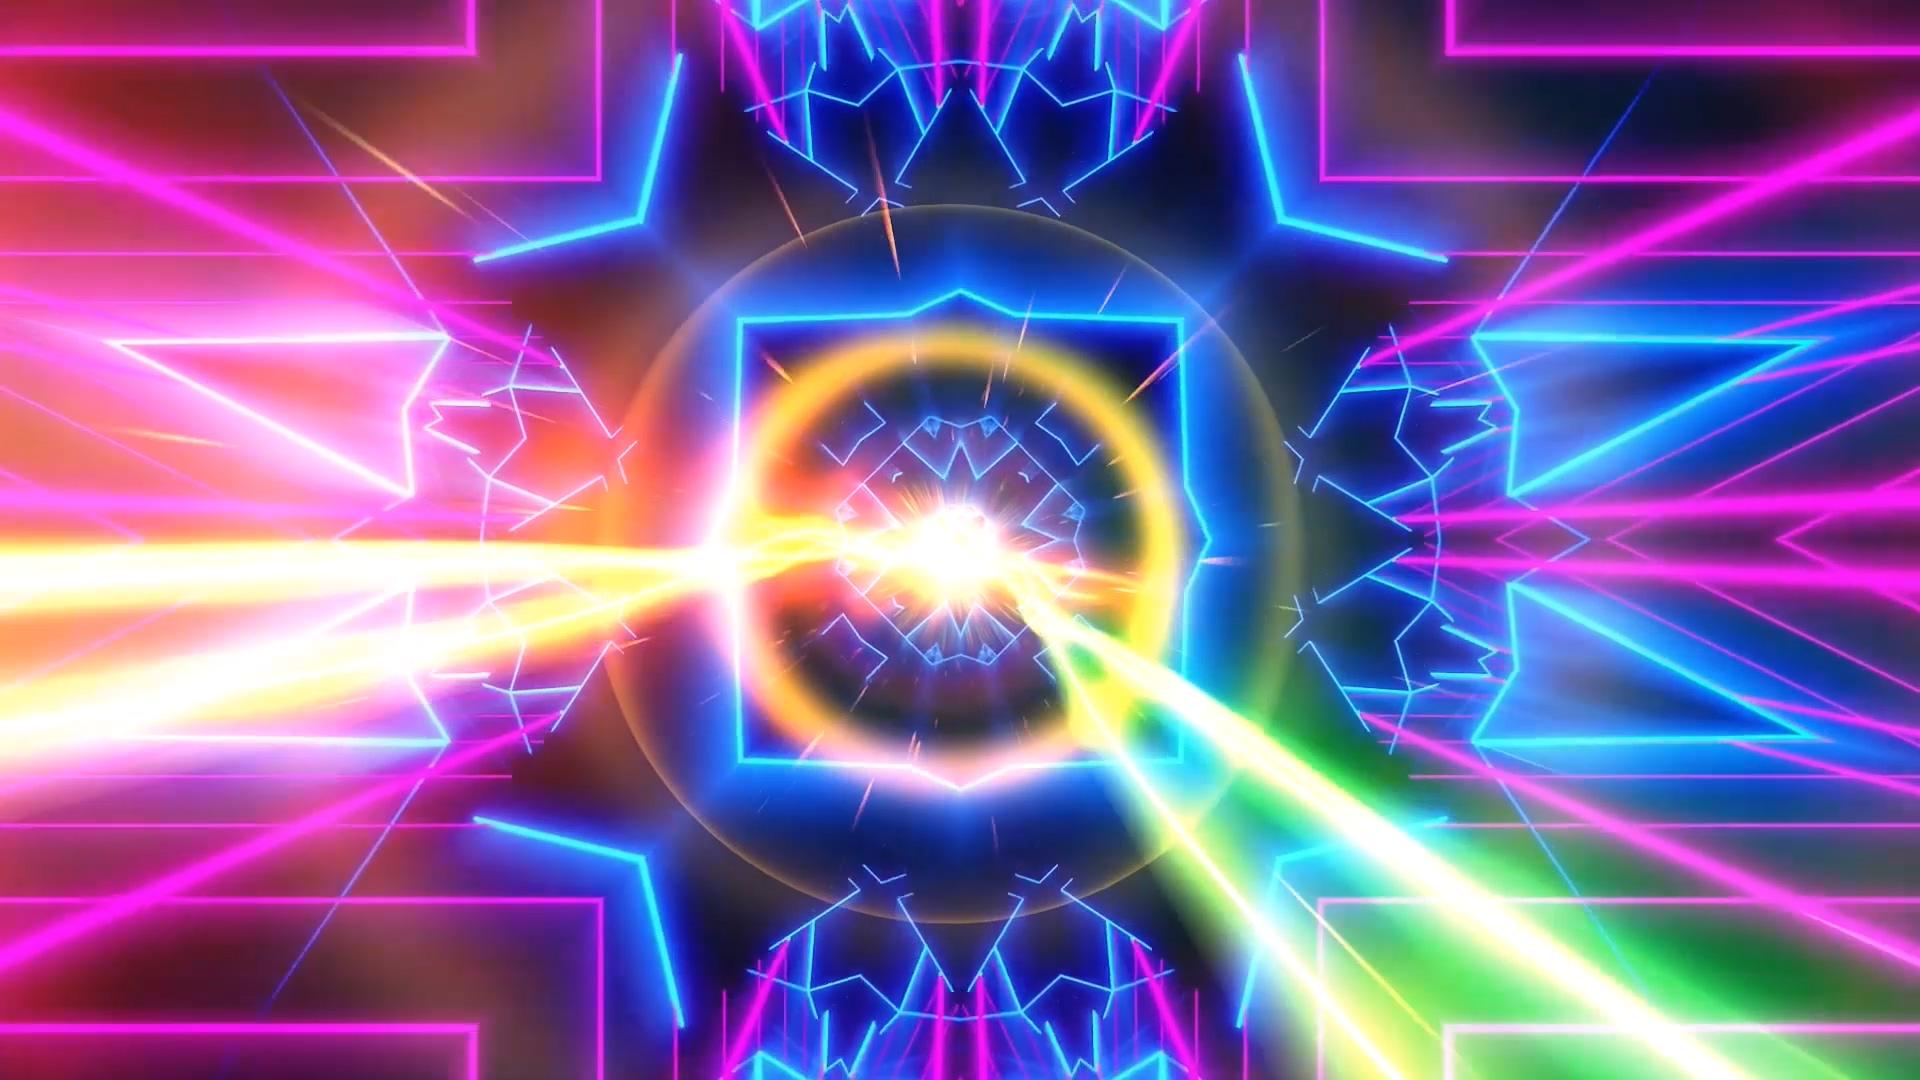 奔跑吧兄弟超级英雄配乐成品LED舞台背景